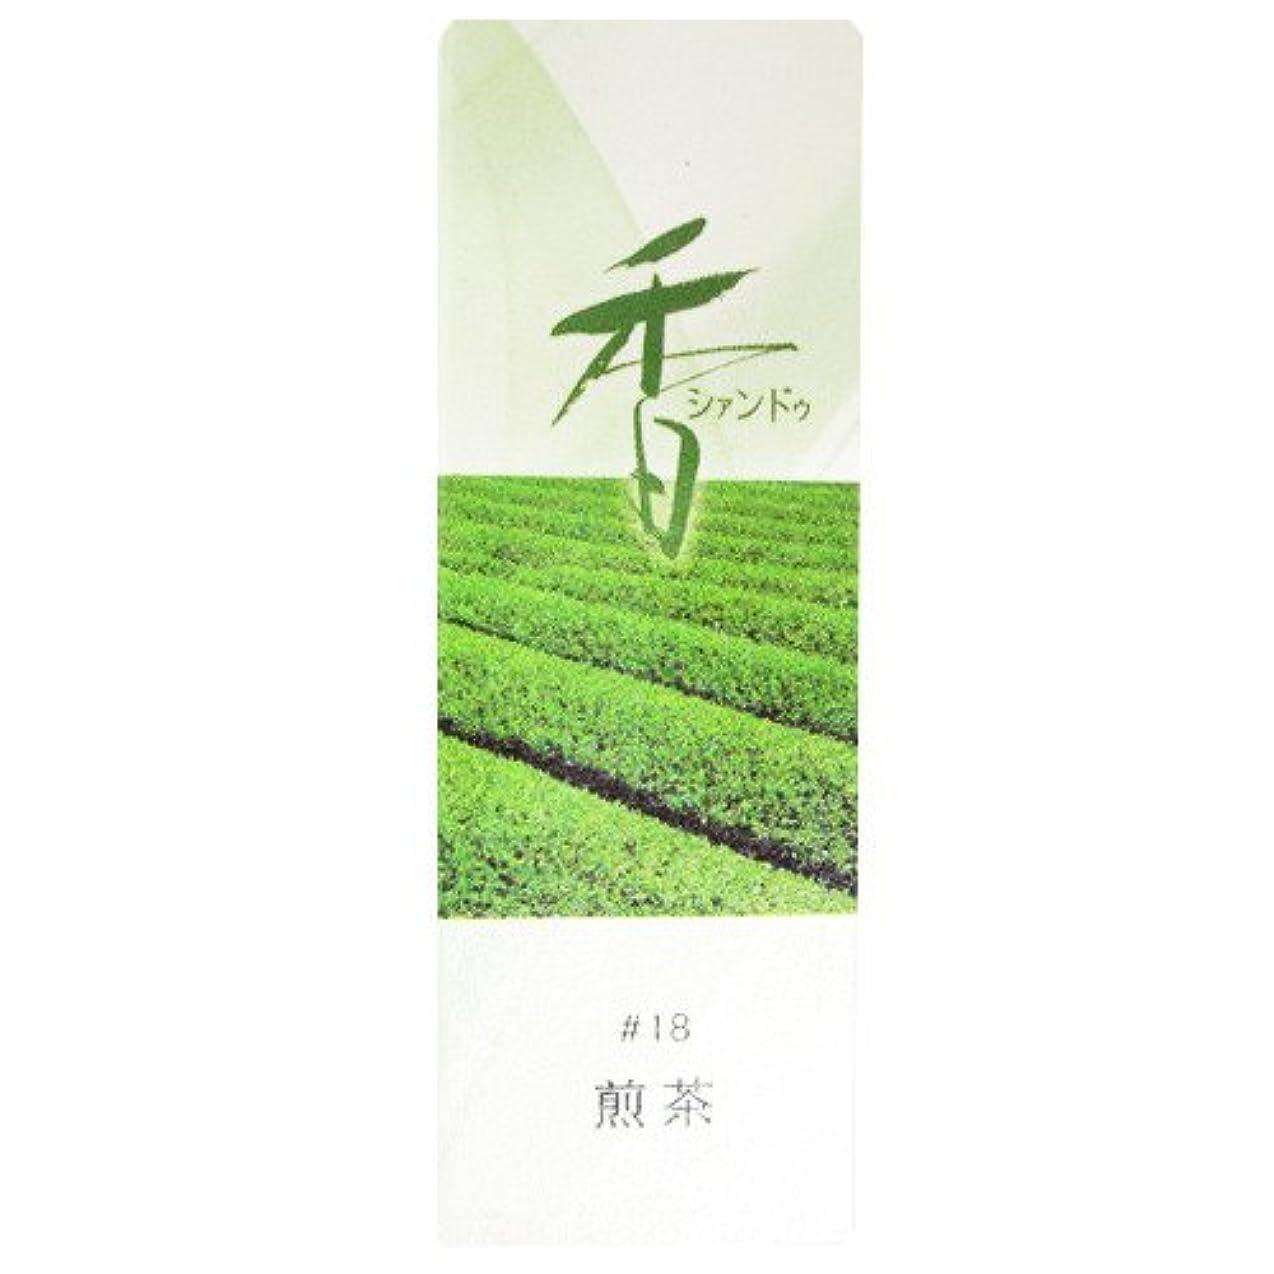 答えドラマ国家松栄堂のお香 Xiang Do(シャンドゥ) 煎茶 ST20本入 簡易香立付 #214218